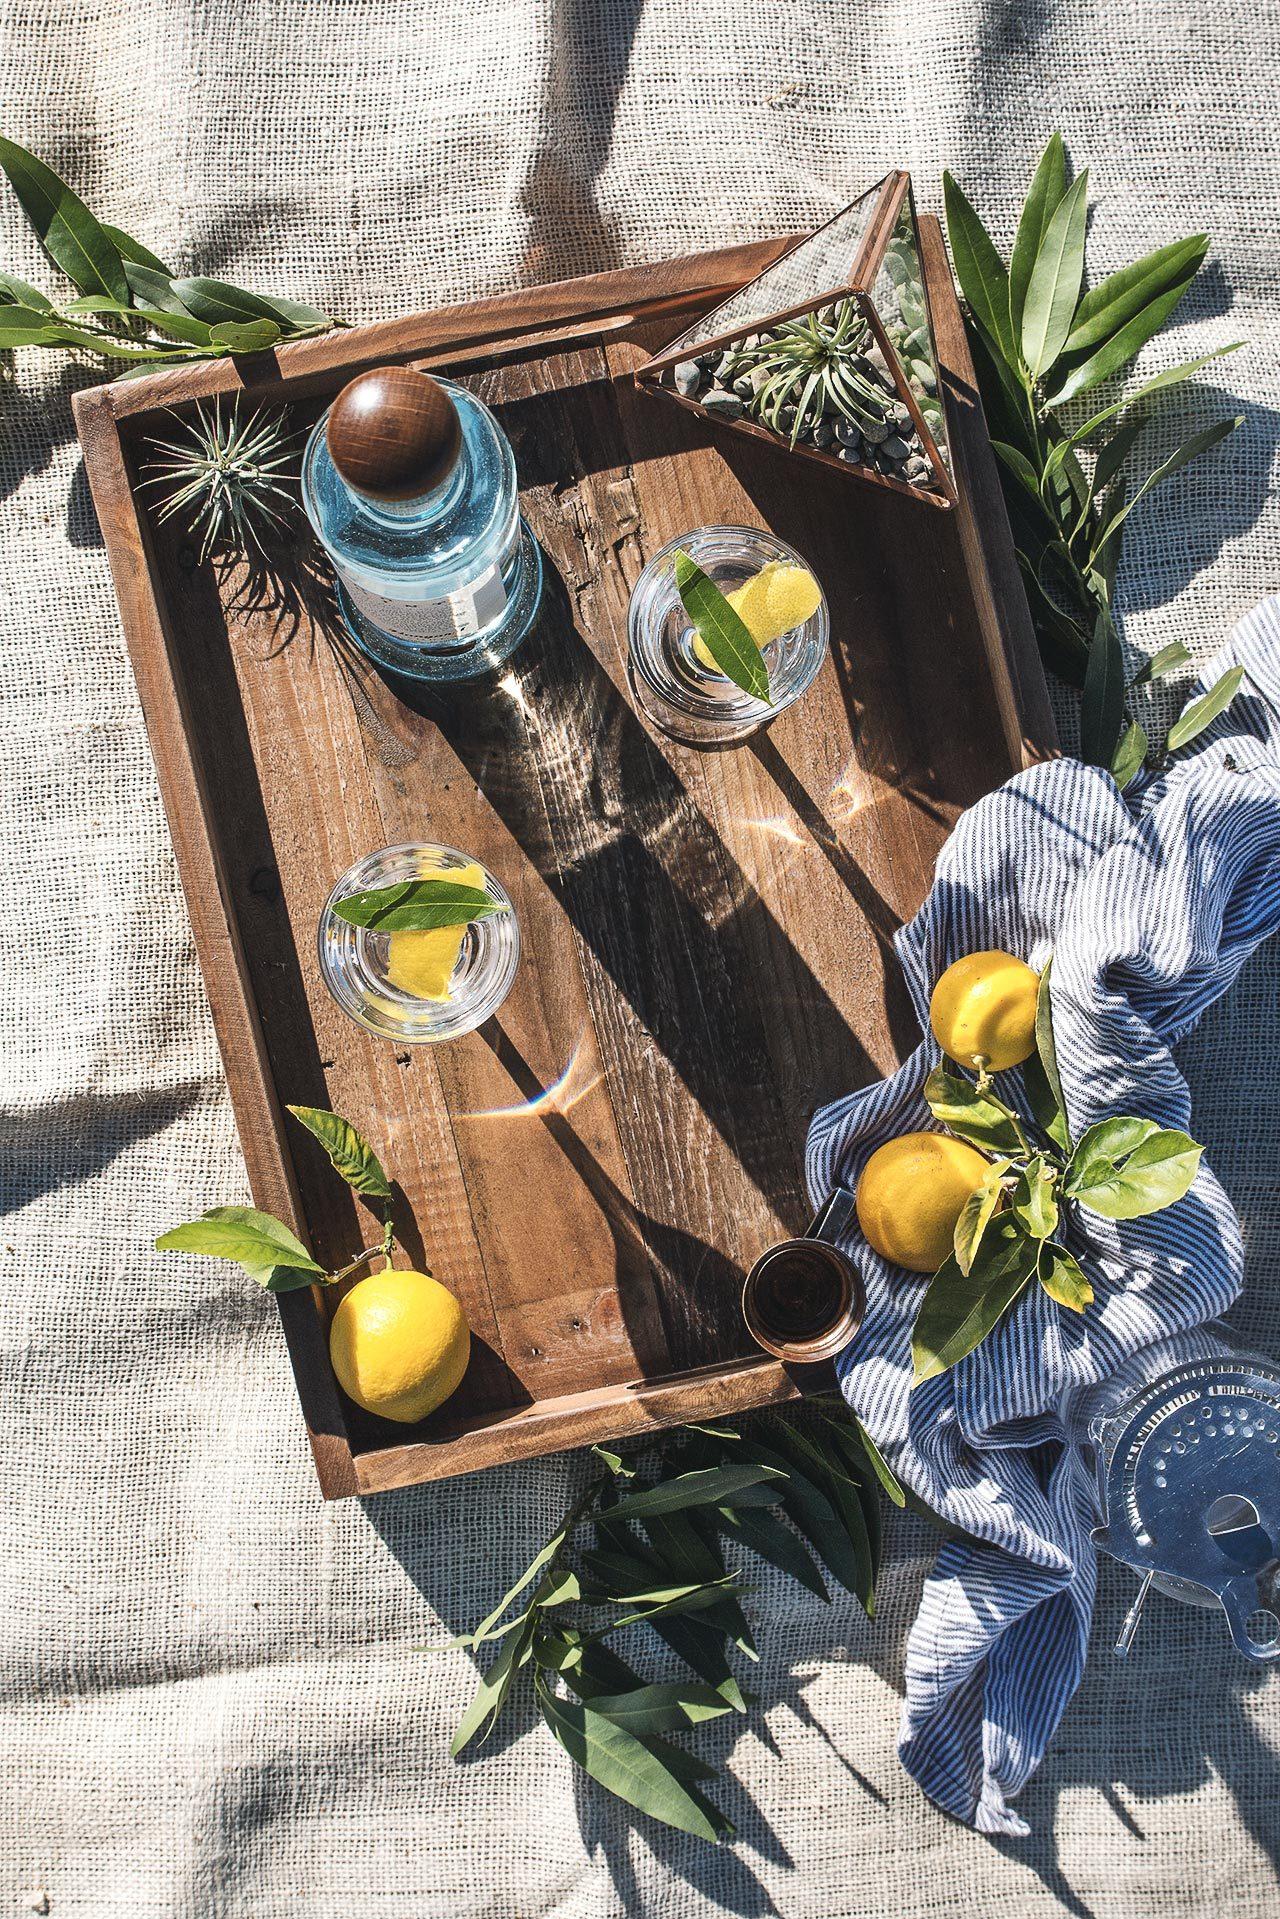 bay laurel martini